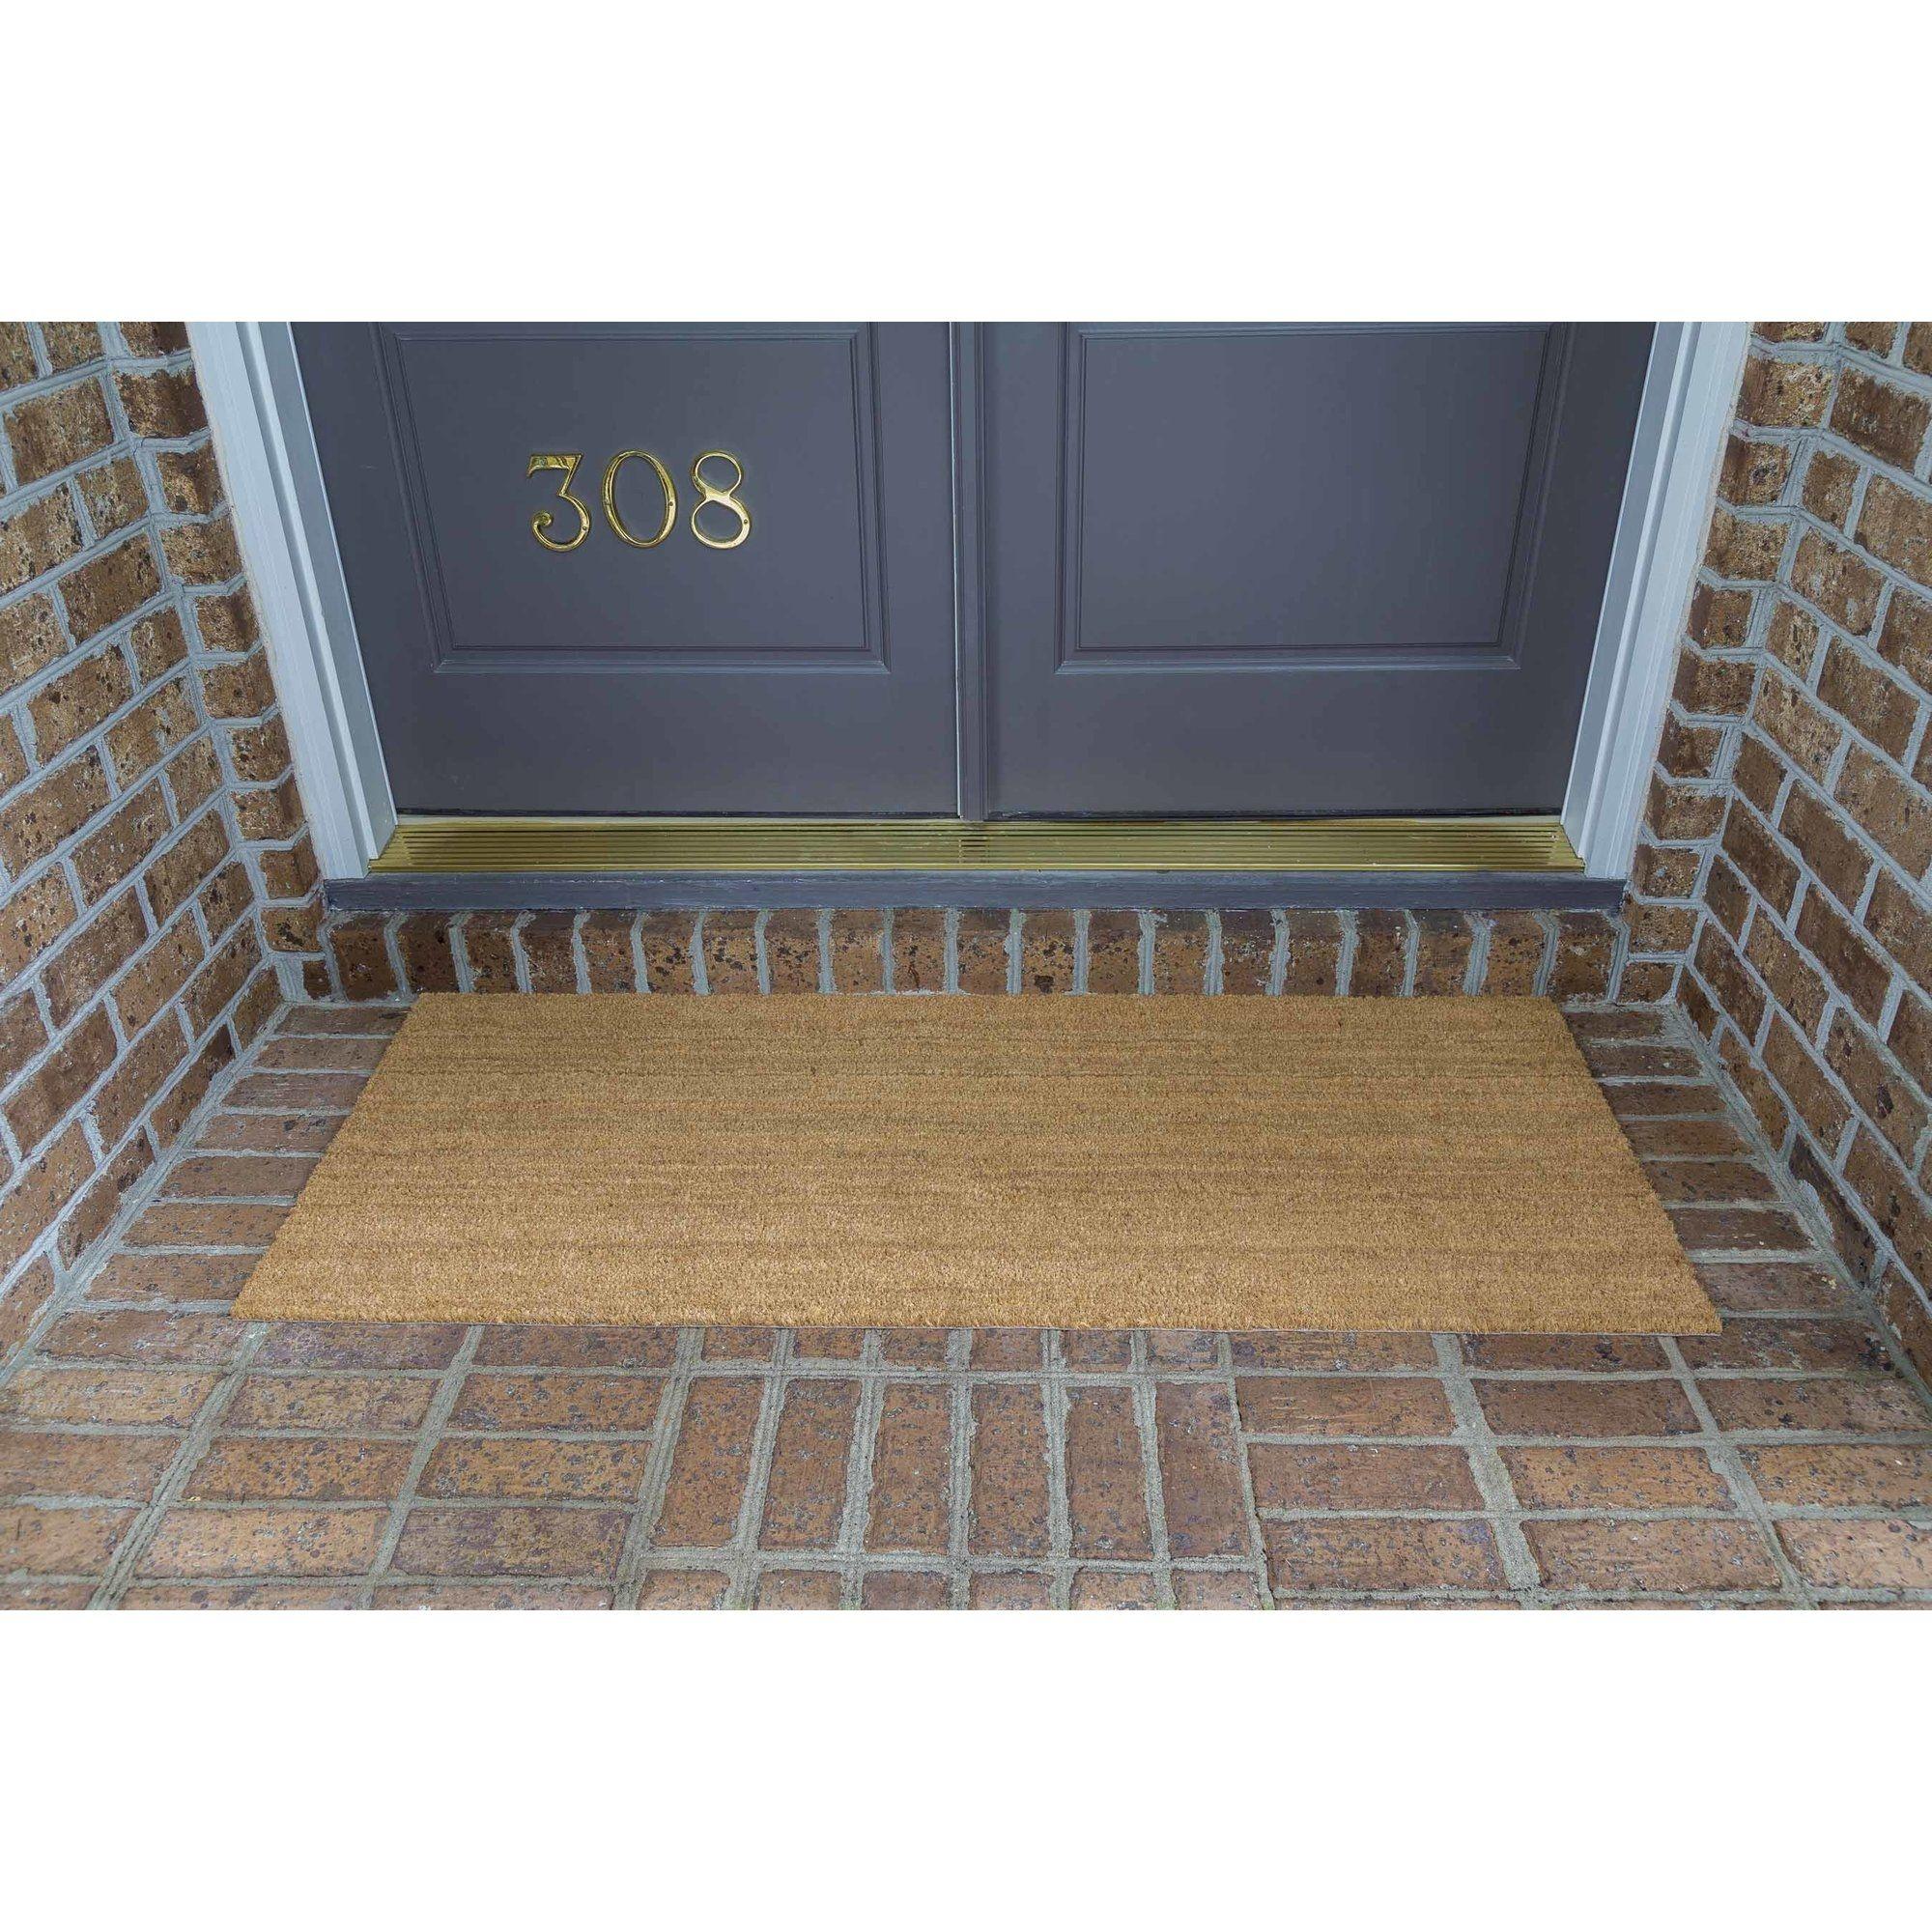 Double Door Outdoor Welcome Mat